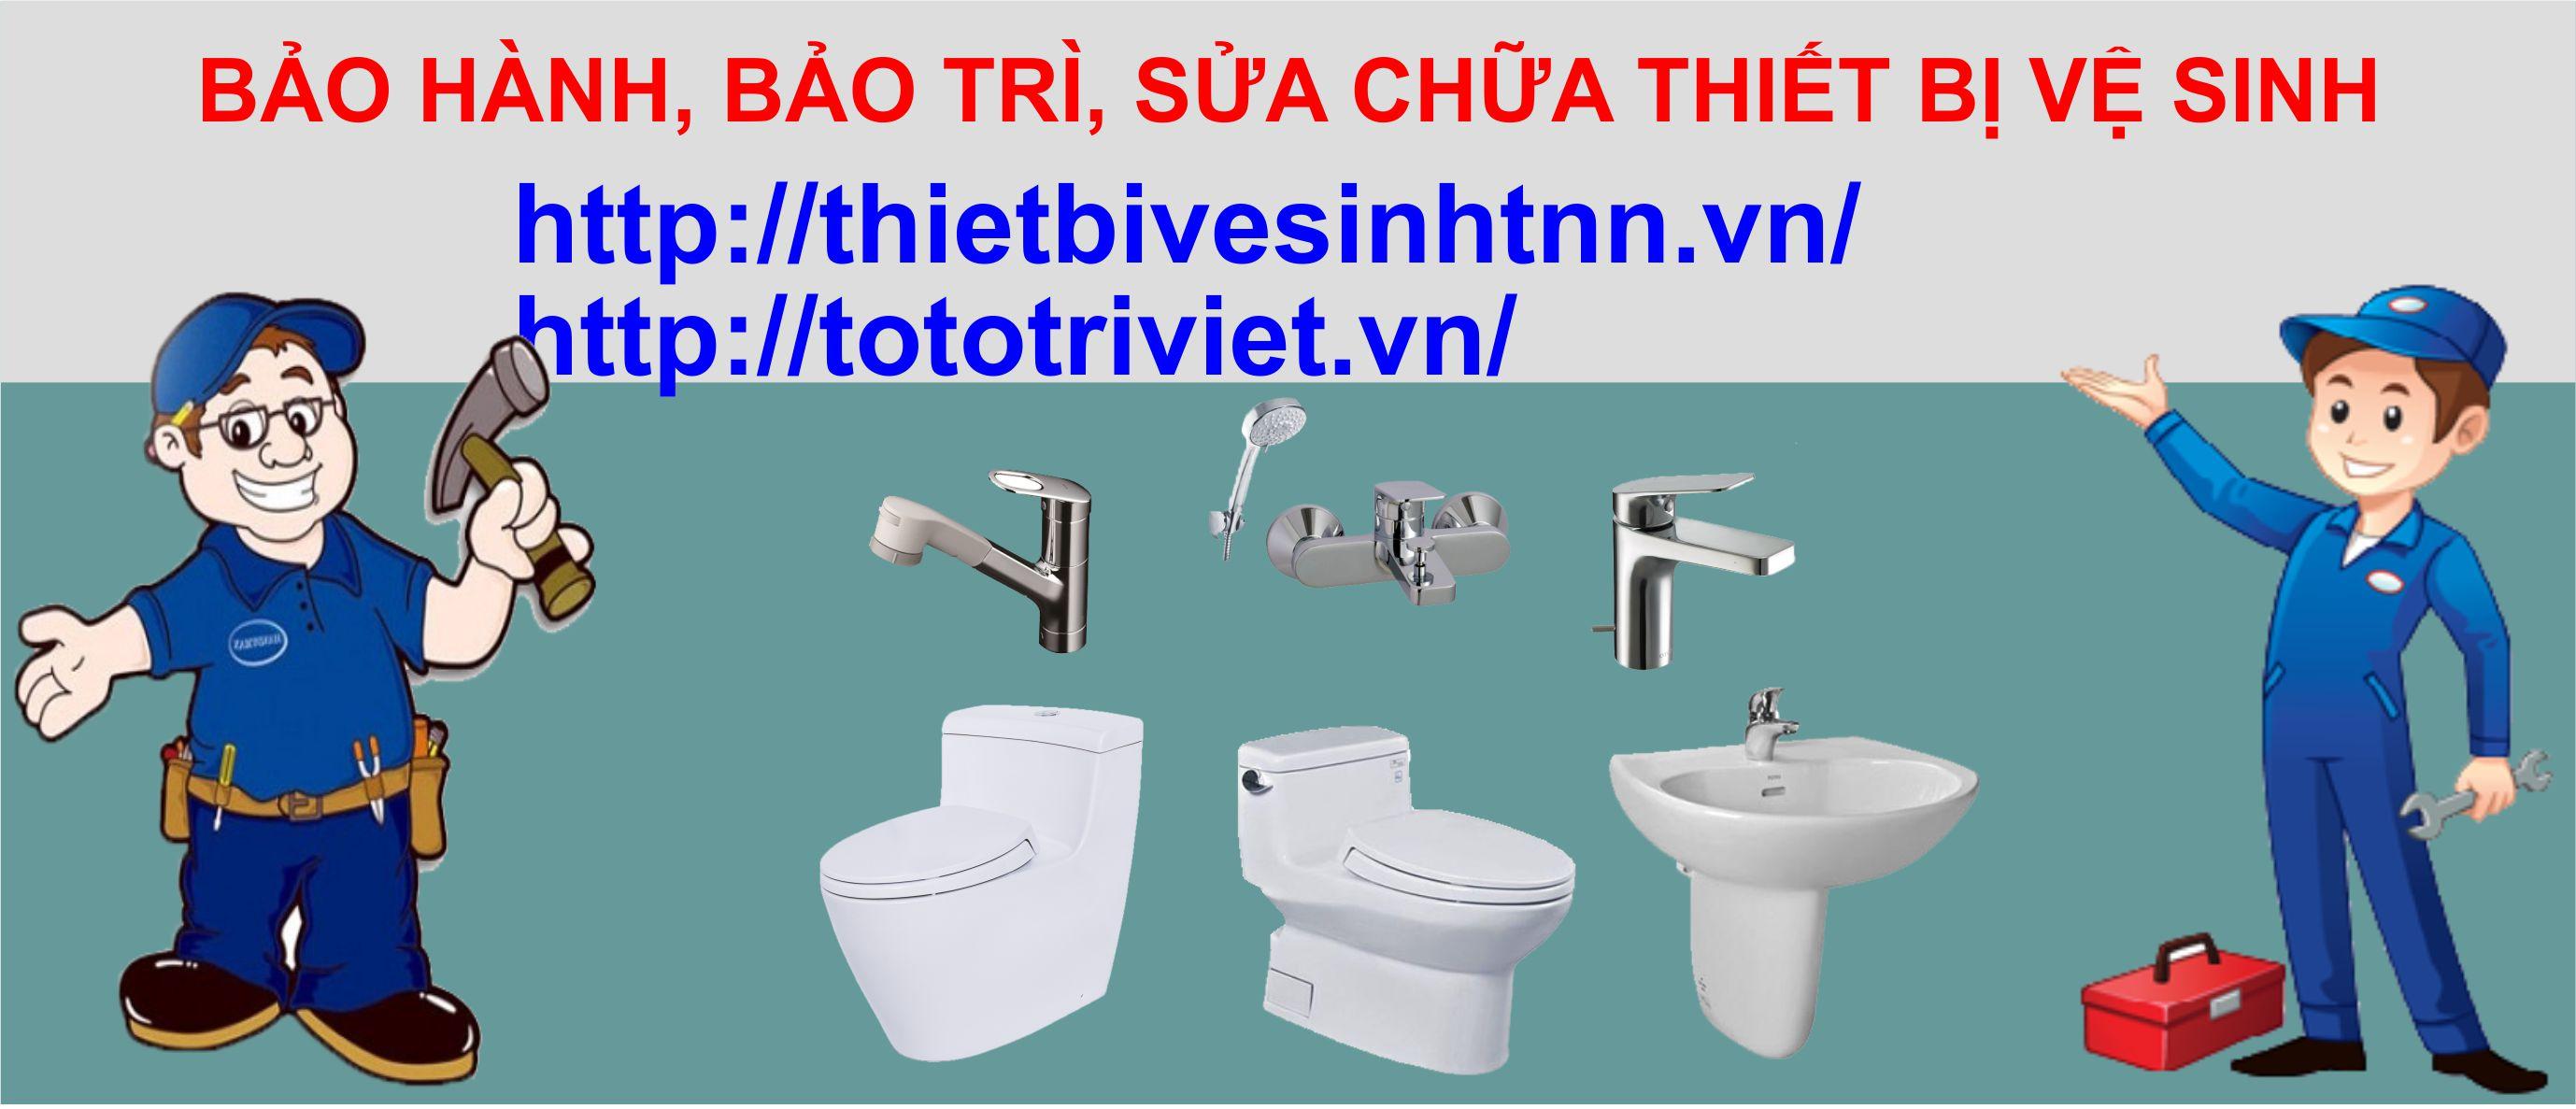 bảo hành, bảo trì thiết bị vệ sinh